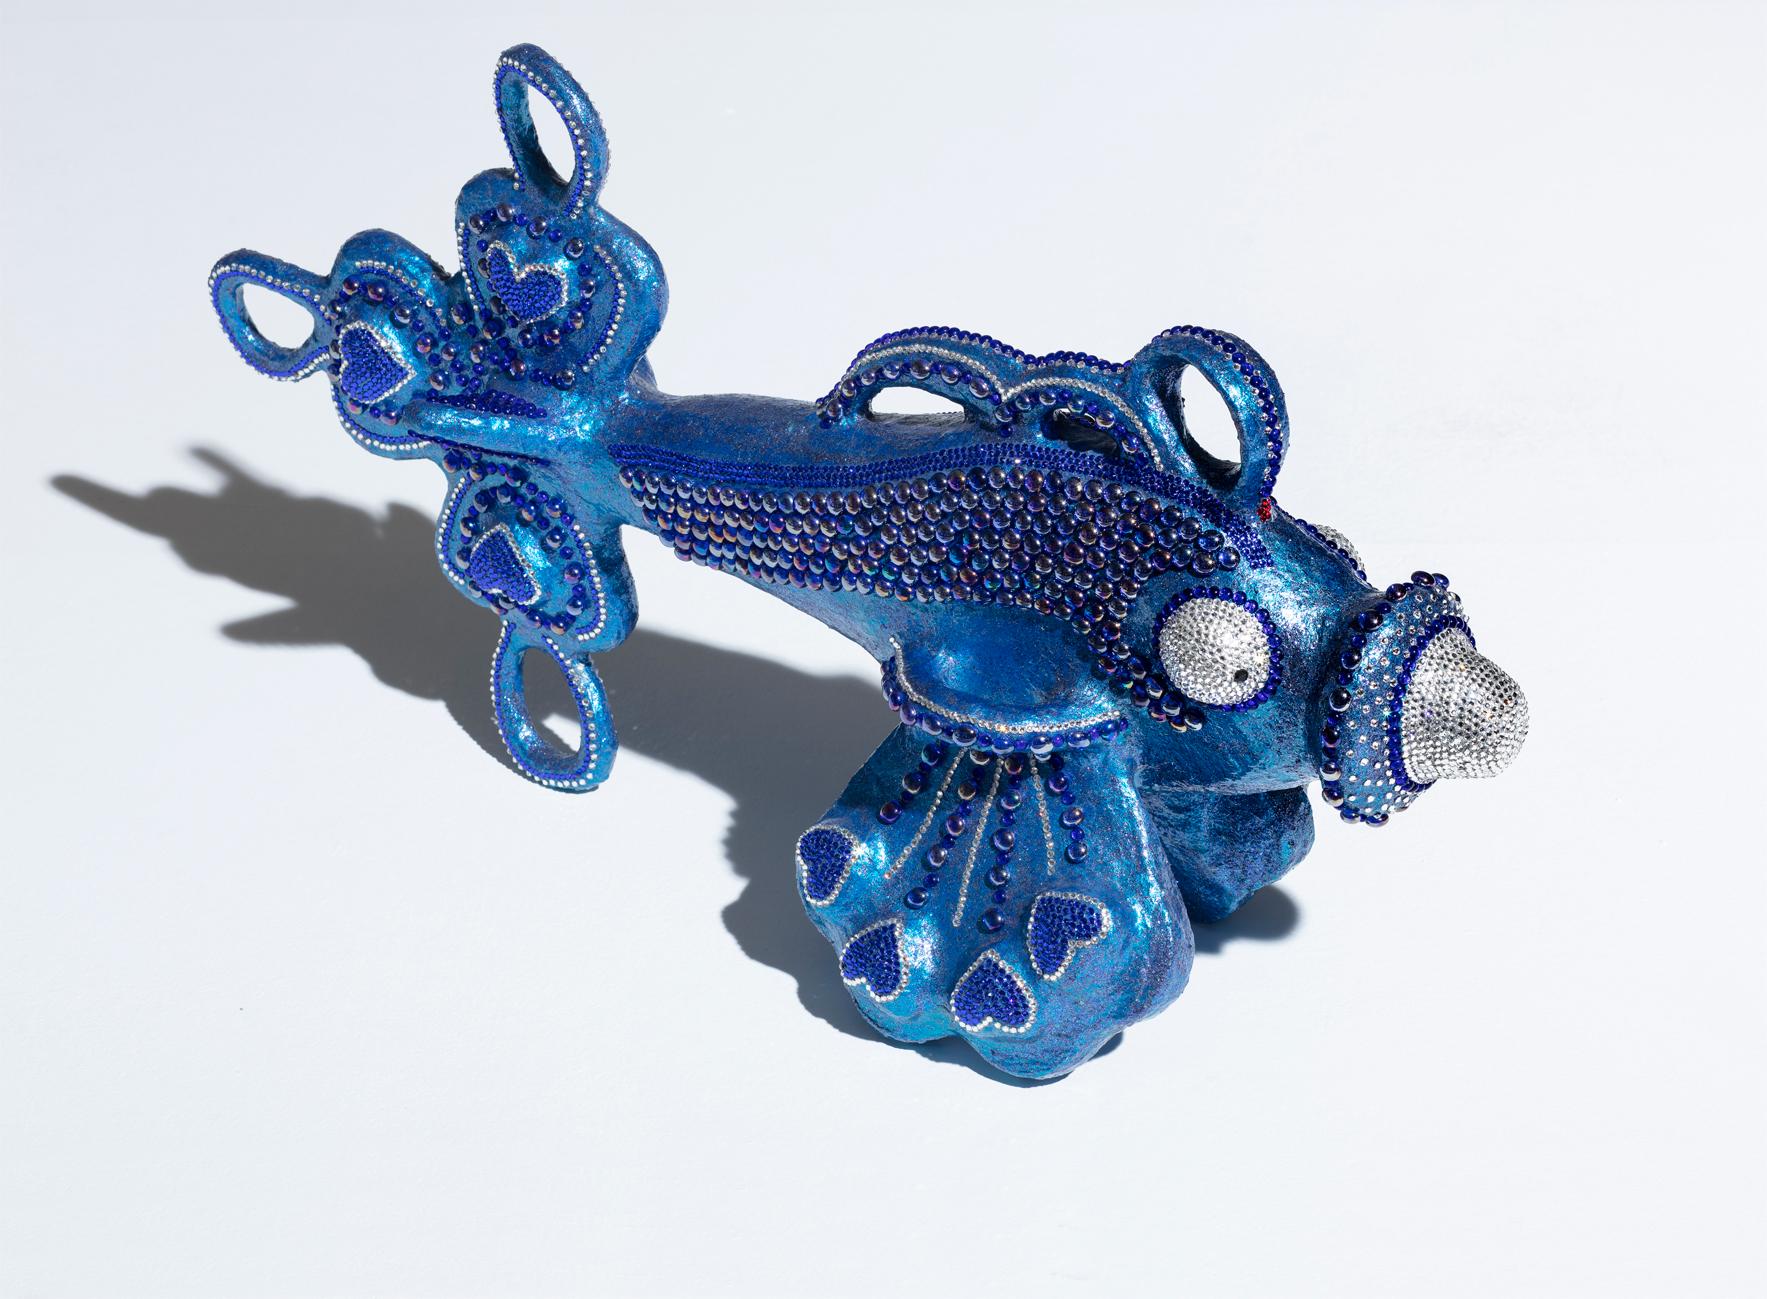 Fisch Blue groß besondere (geheime) Mixtur, Swarovskisteine Glassteine  Unikat 2019, 48/25/88 cm